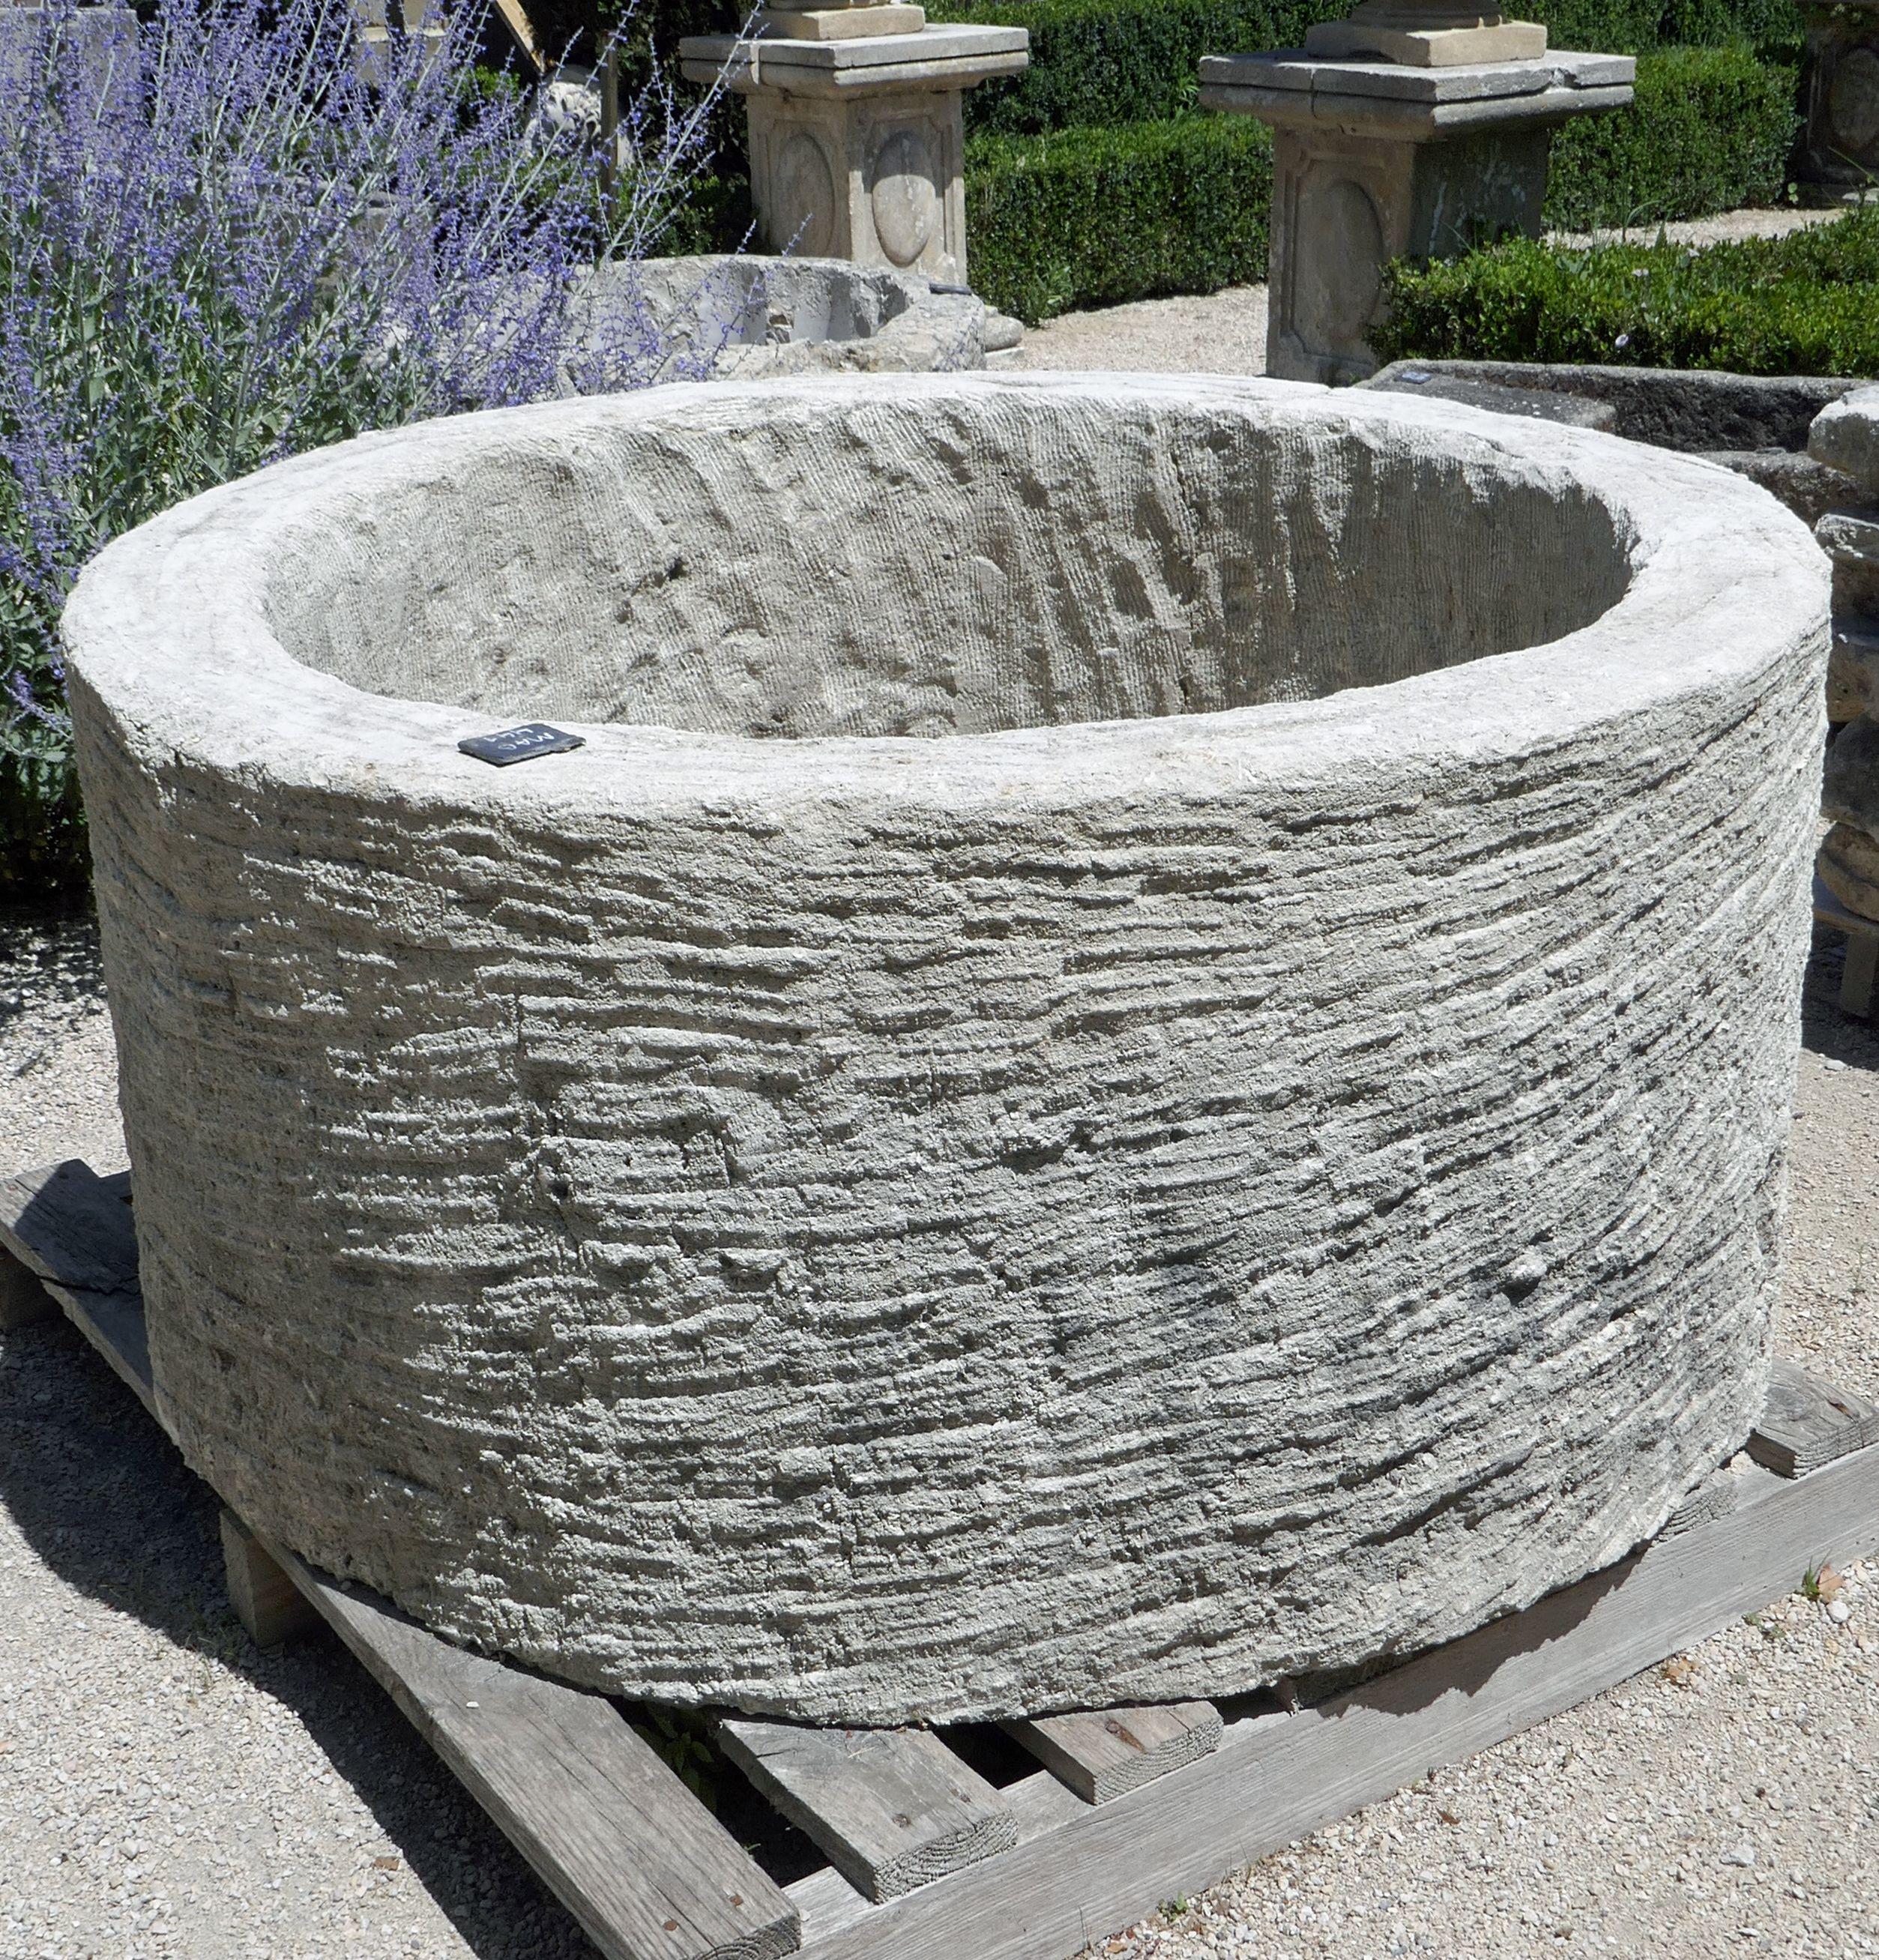 Bac Pour Arbuste De Jardin ce grand bac en pierre est parfaitement adapté pour être